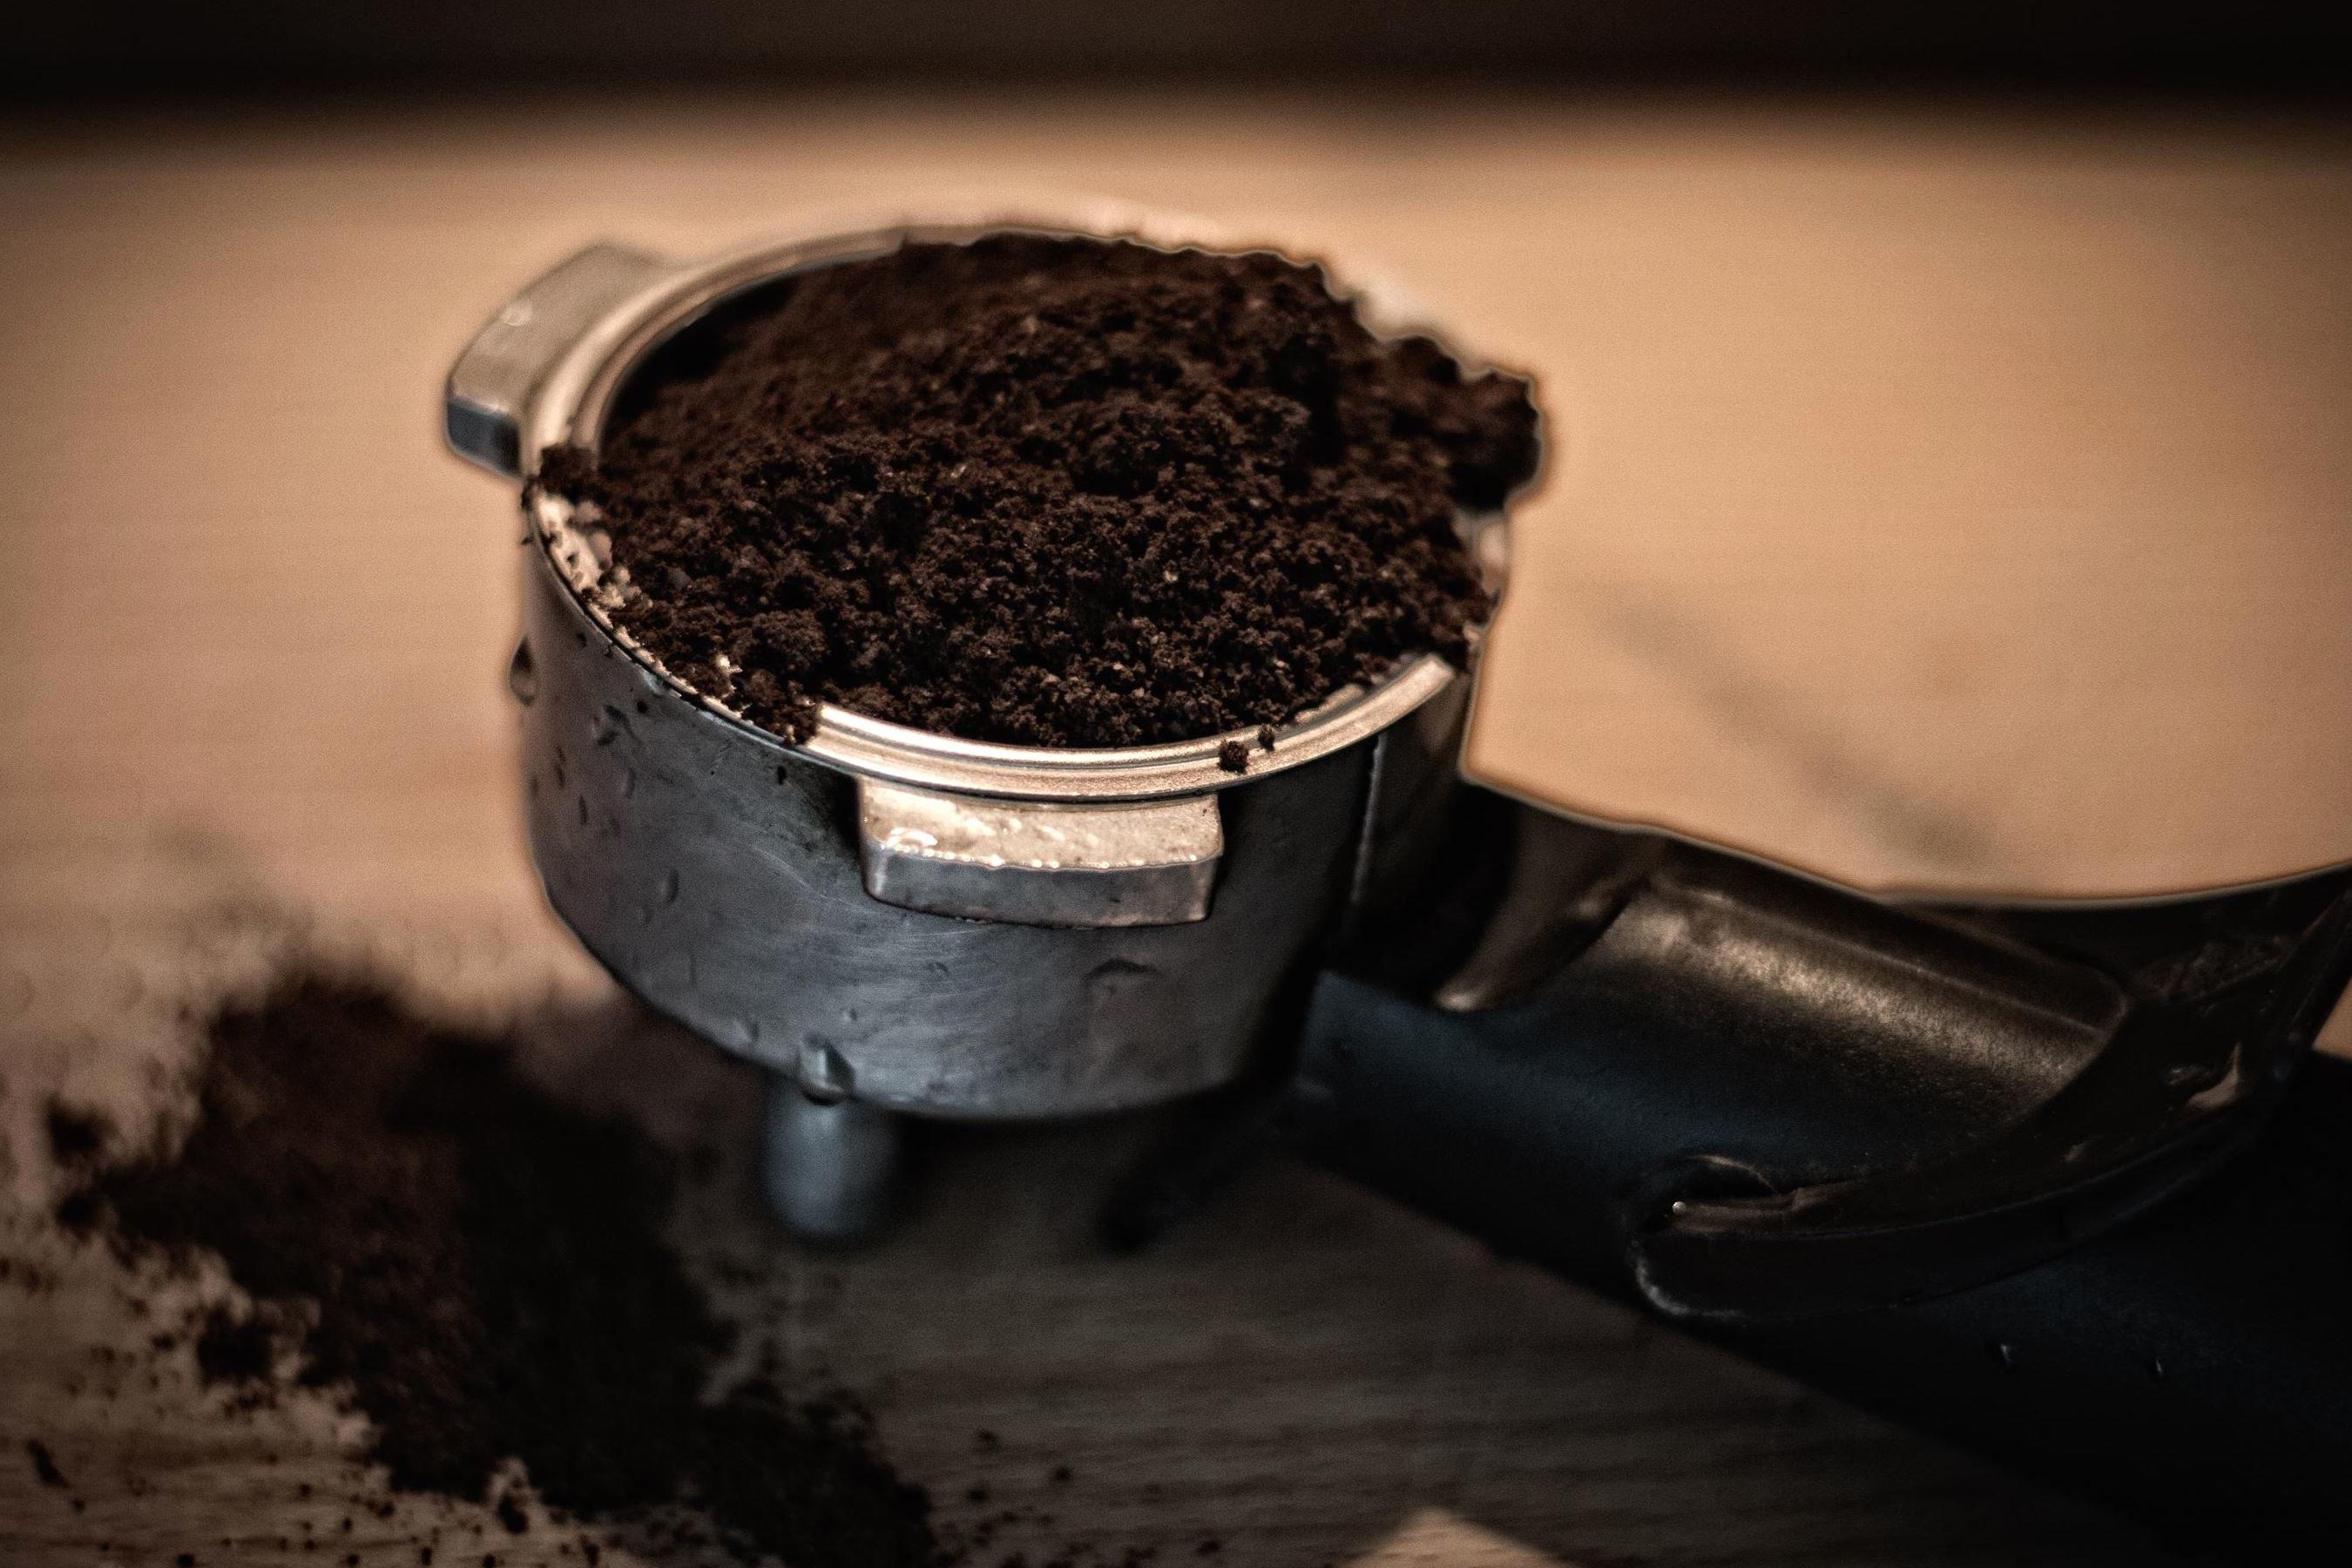 kostenlose bild kaffee schleifen trinken metall werkzeug. Black Bedroom Furniture Sets. Home Design Ideas